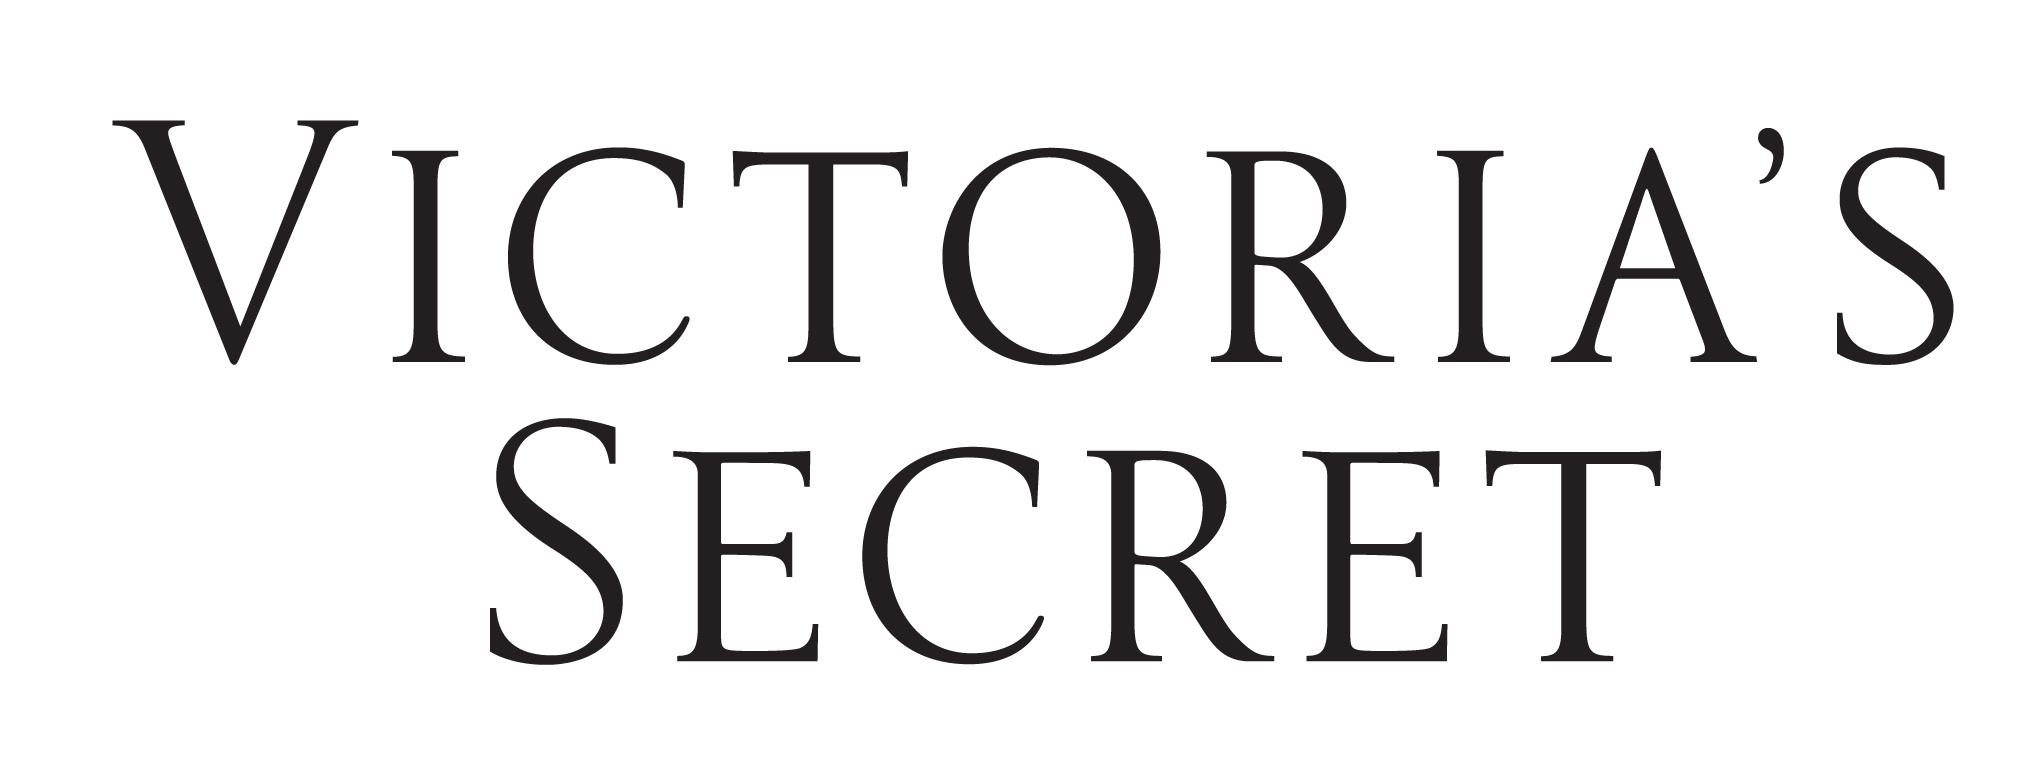 Victoria's Secret логотип бренда